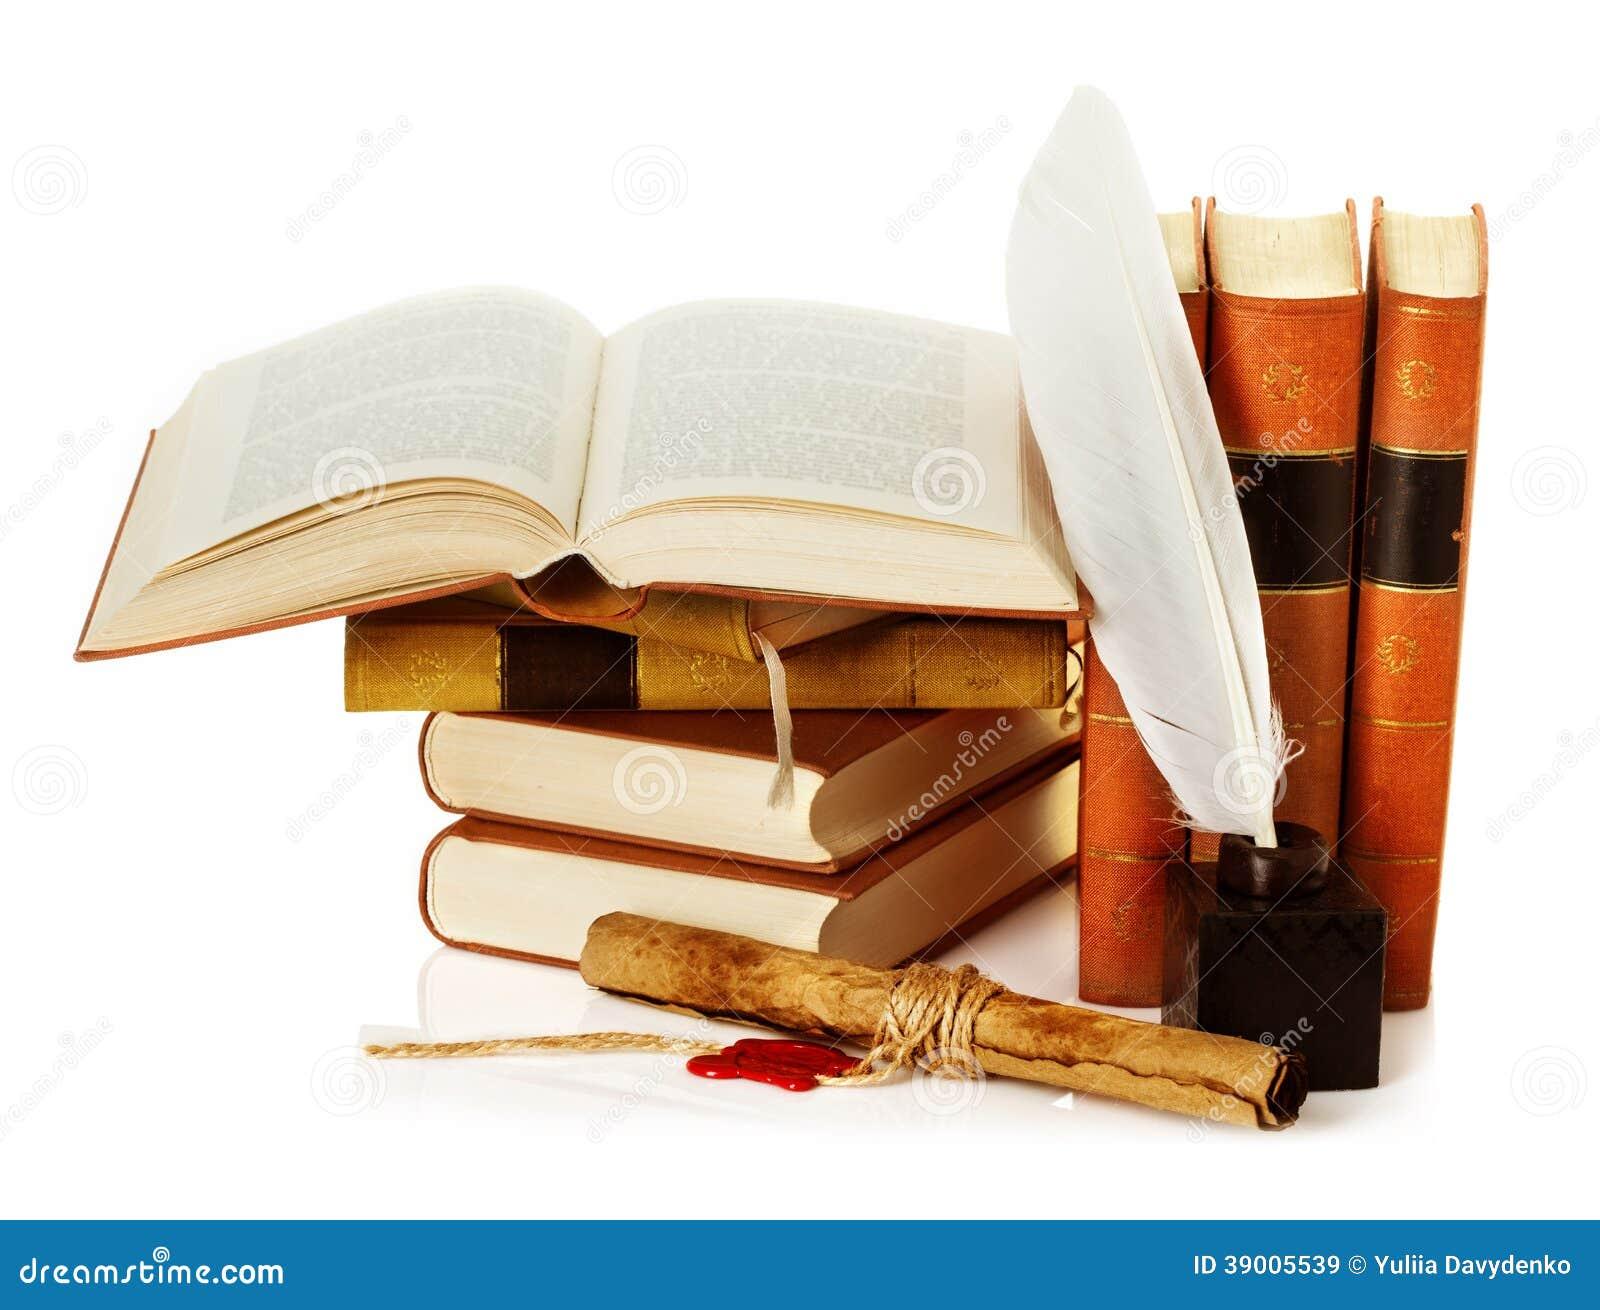 Сказки Андерсена список все сказки андерсена полное